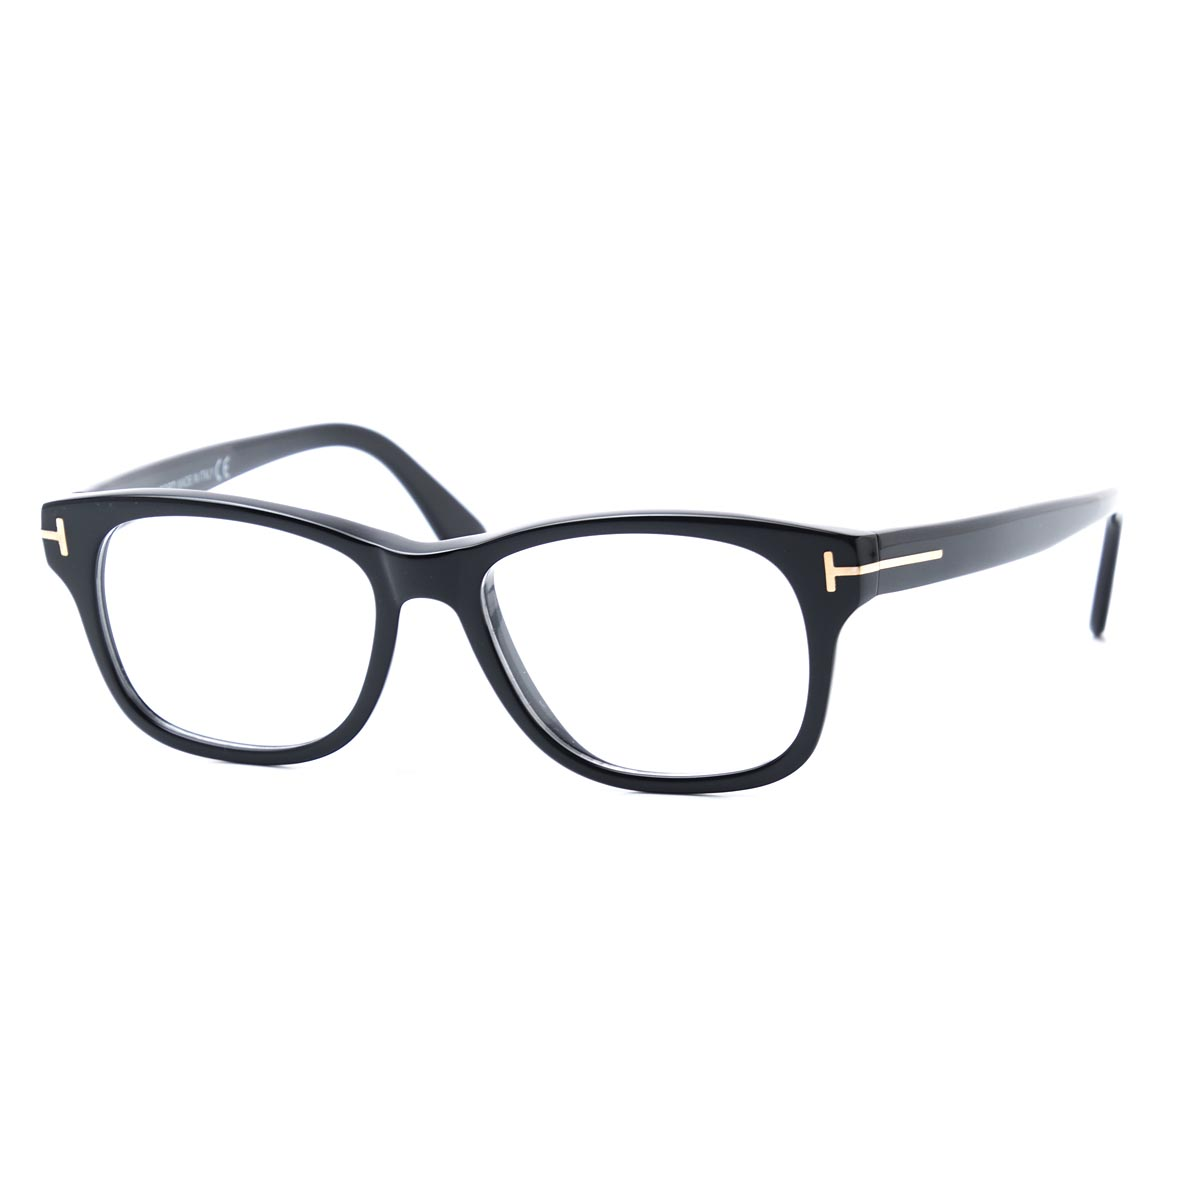 トムフォード TOM FORD 眼鏡 メガネ ブラック メンズ フレーム 伊達メガネ ft5147 001 52 ウェリントン【あす楽対応_関東】【ラッピング無料】【返品送料無料】【180601】